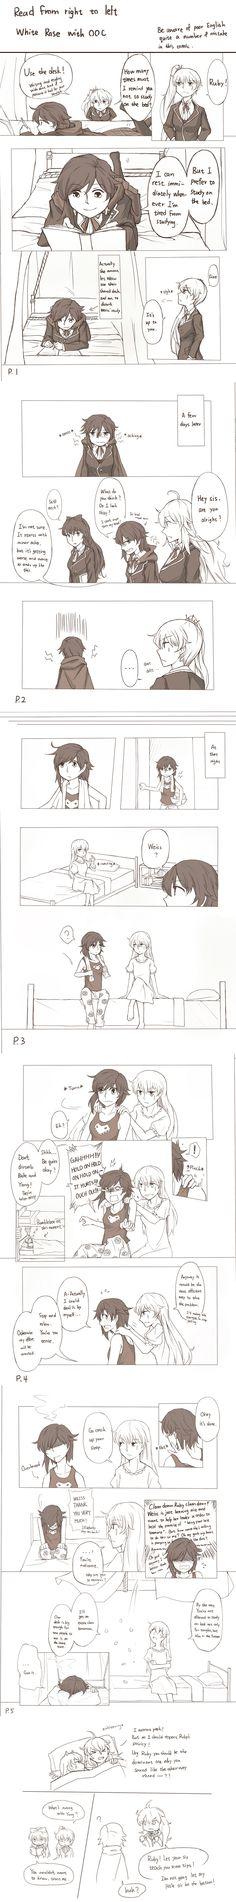 RWBY White Rose short comic by xenon54165